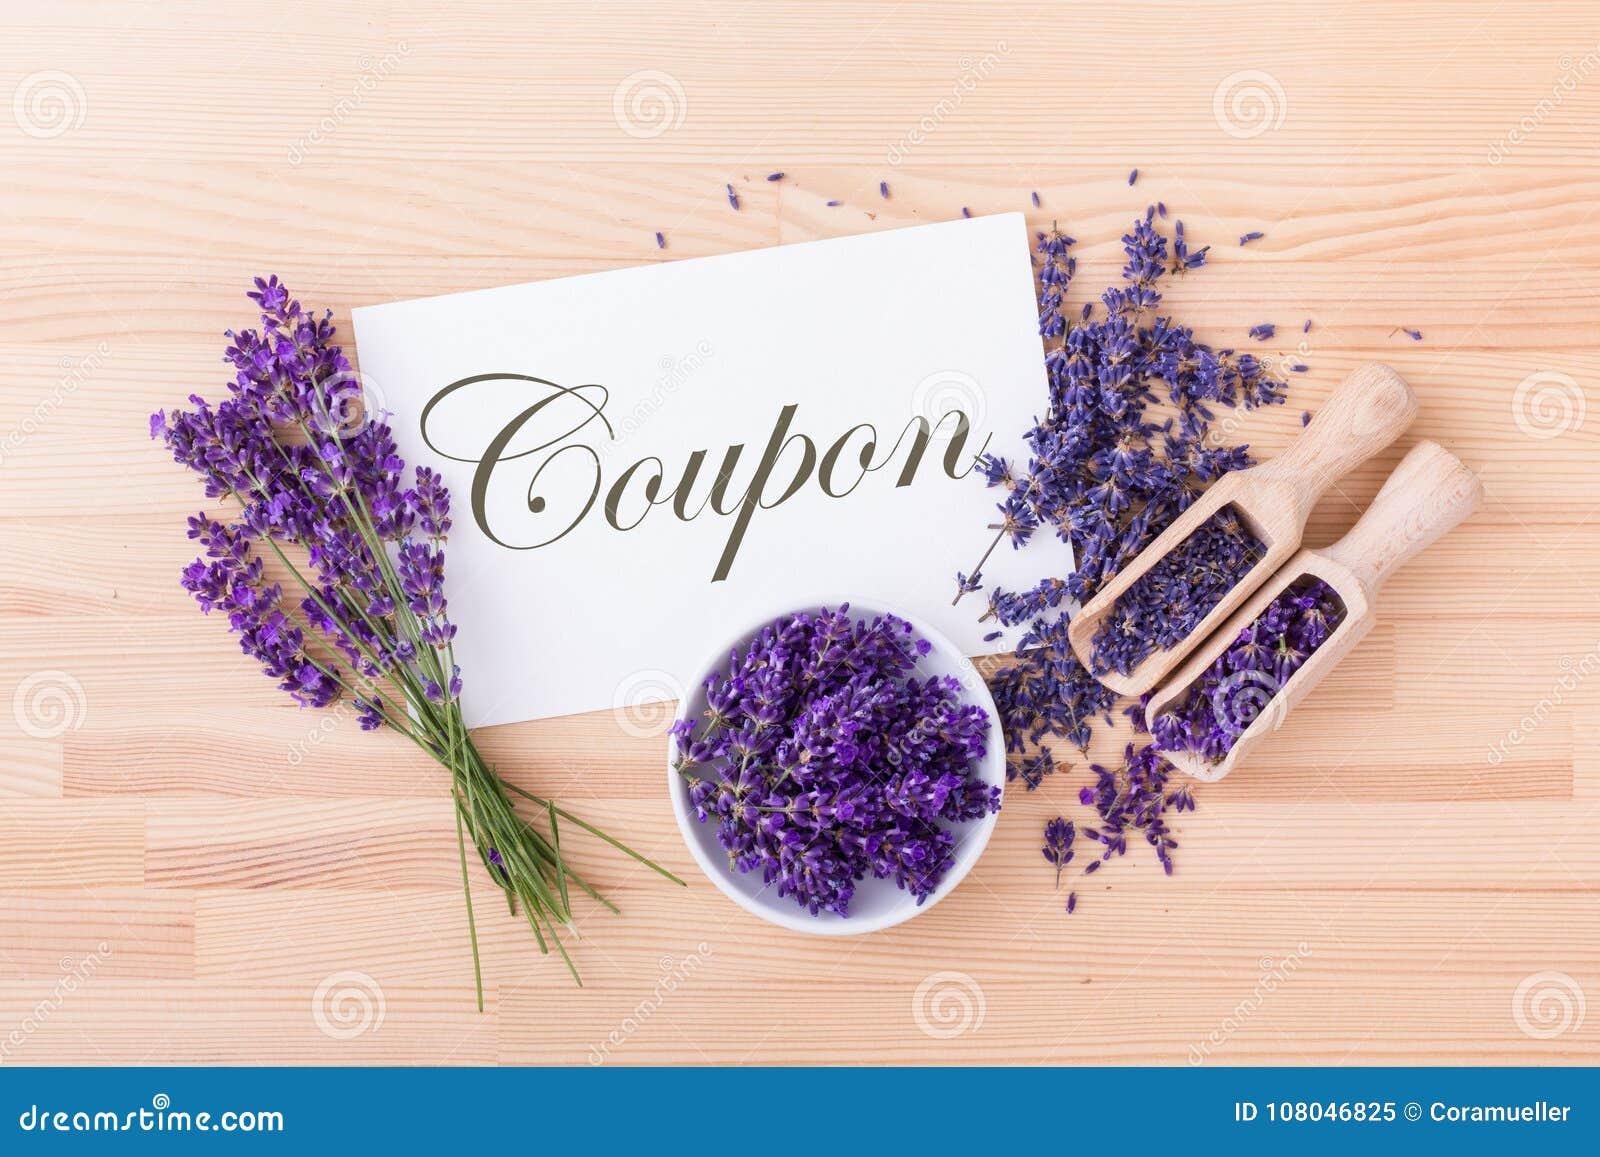 Coupon met lavendelbloemen